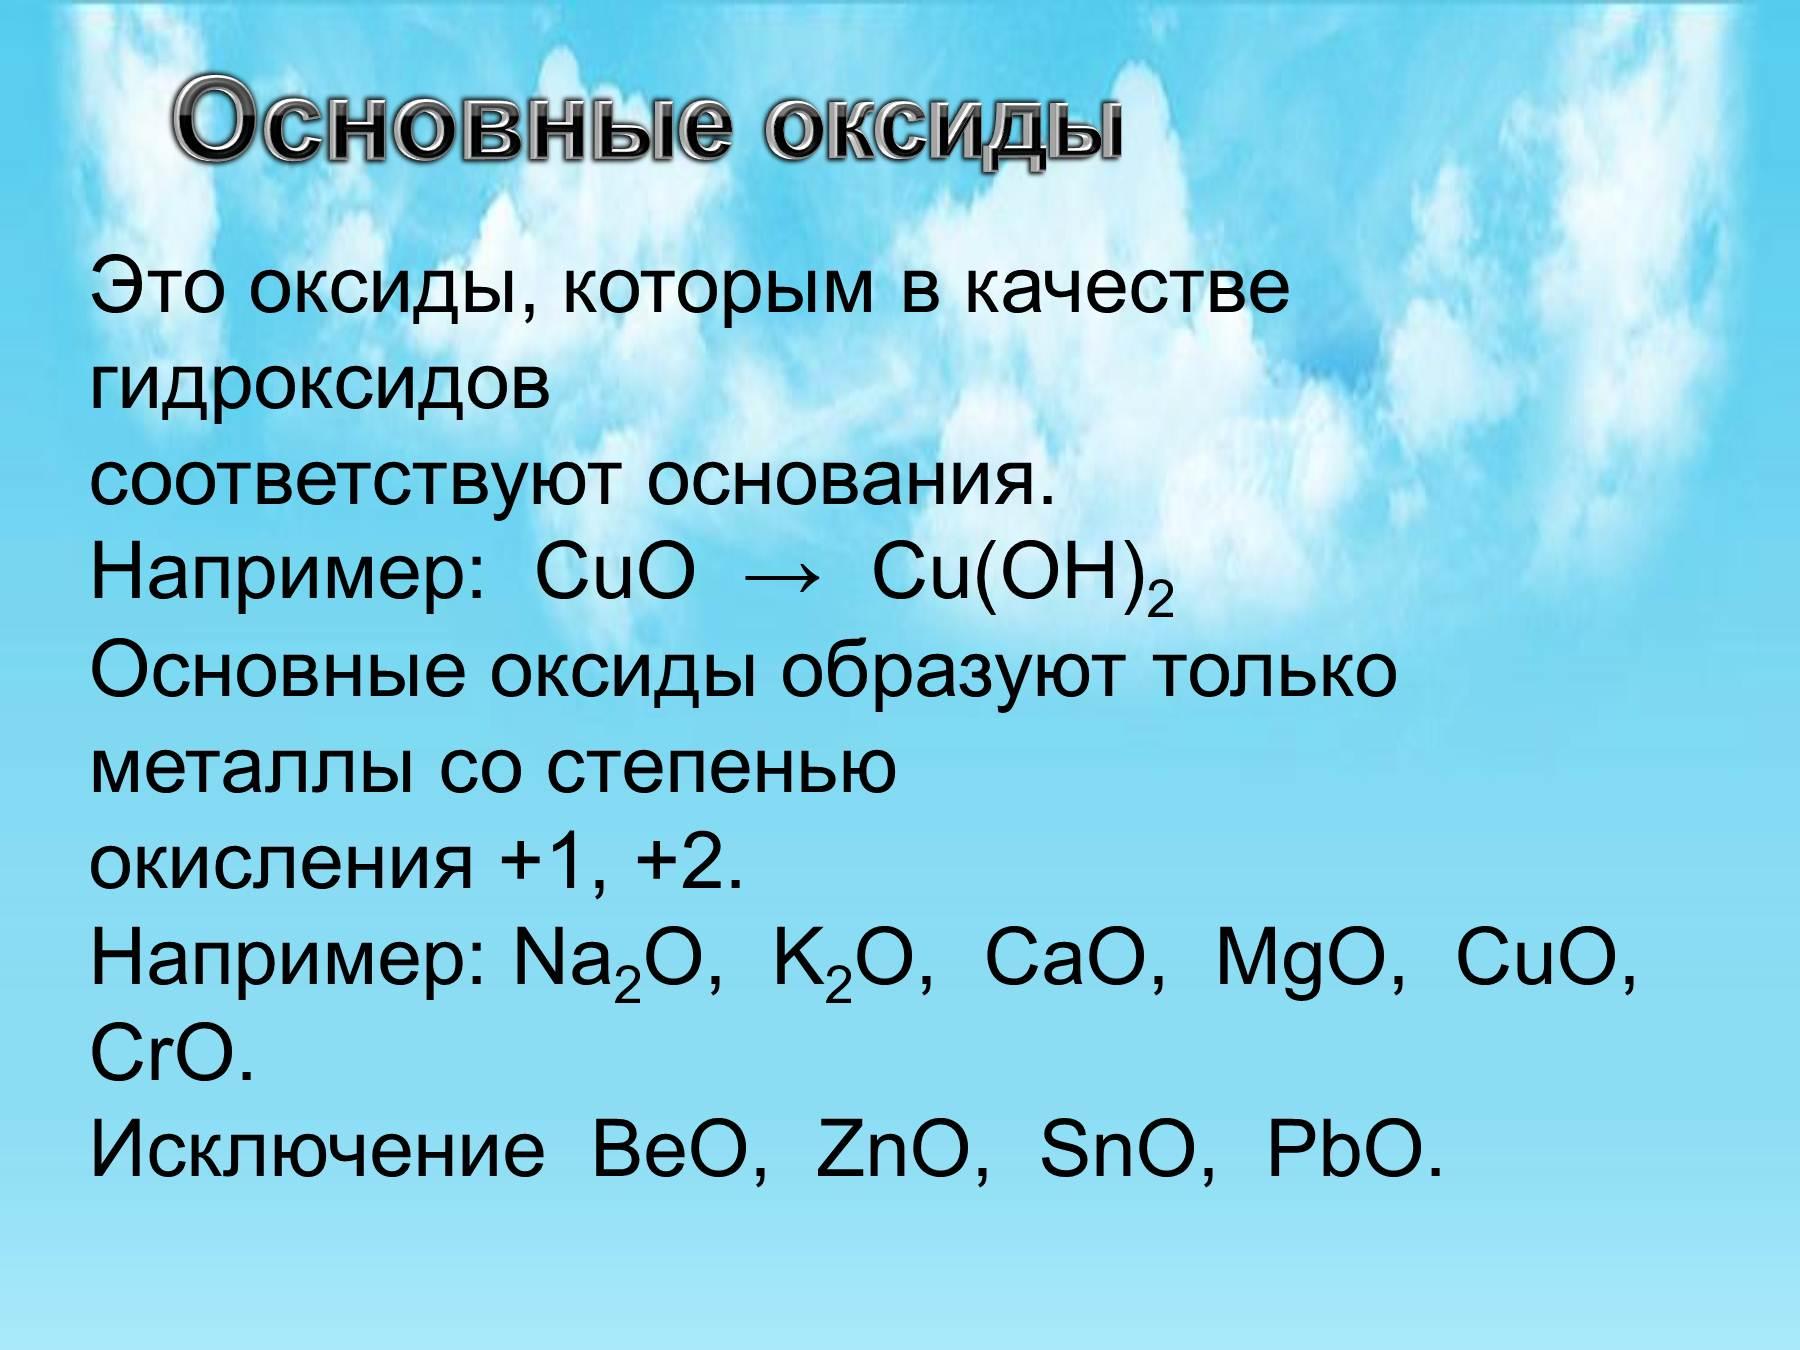 Как гидроксид сделать в оксид 596